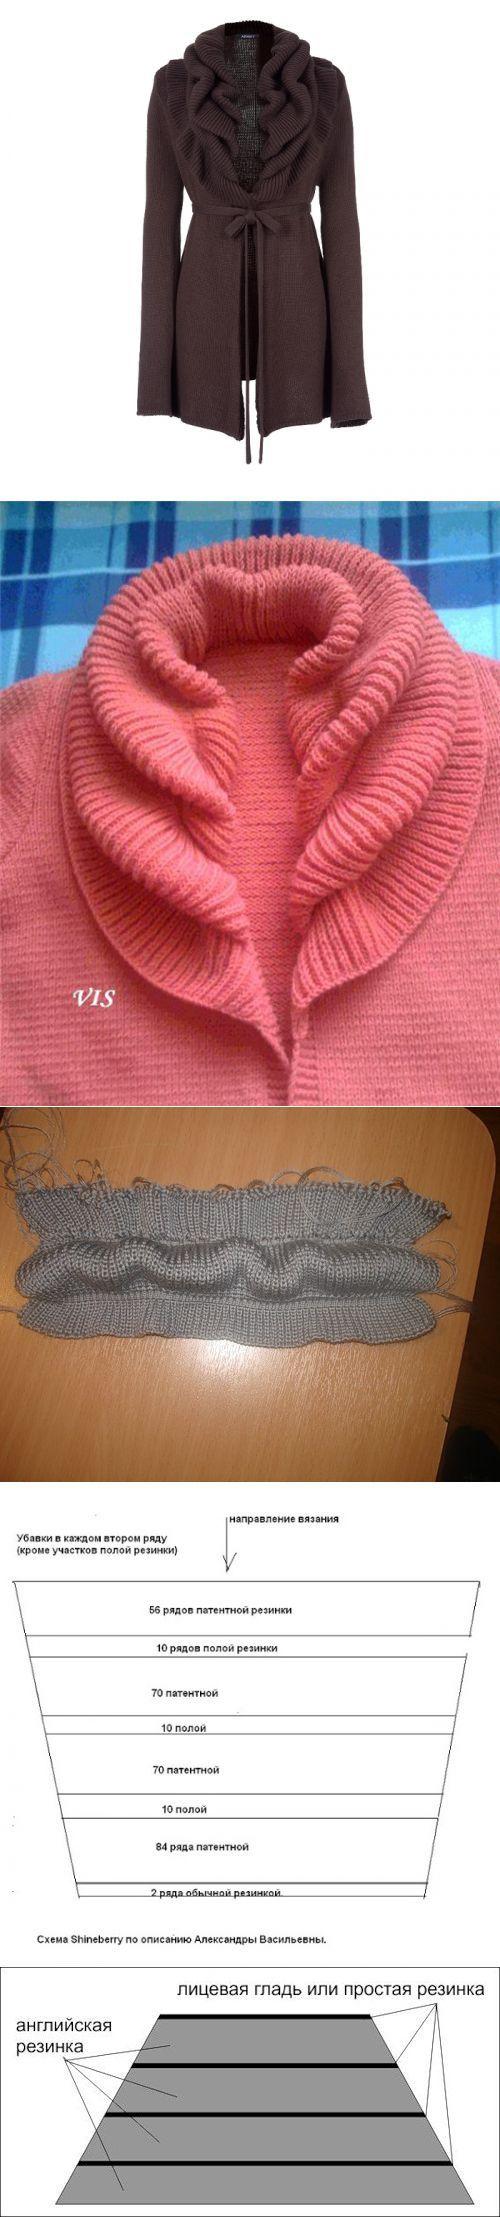 针织开衫 - 蕾妮的日志 - 网易博客 | вязание | Постила: